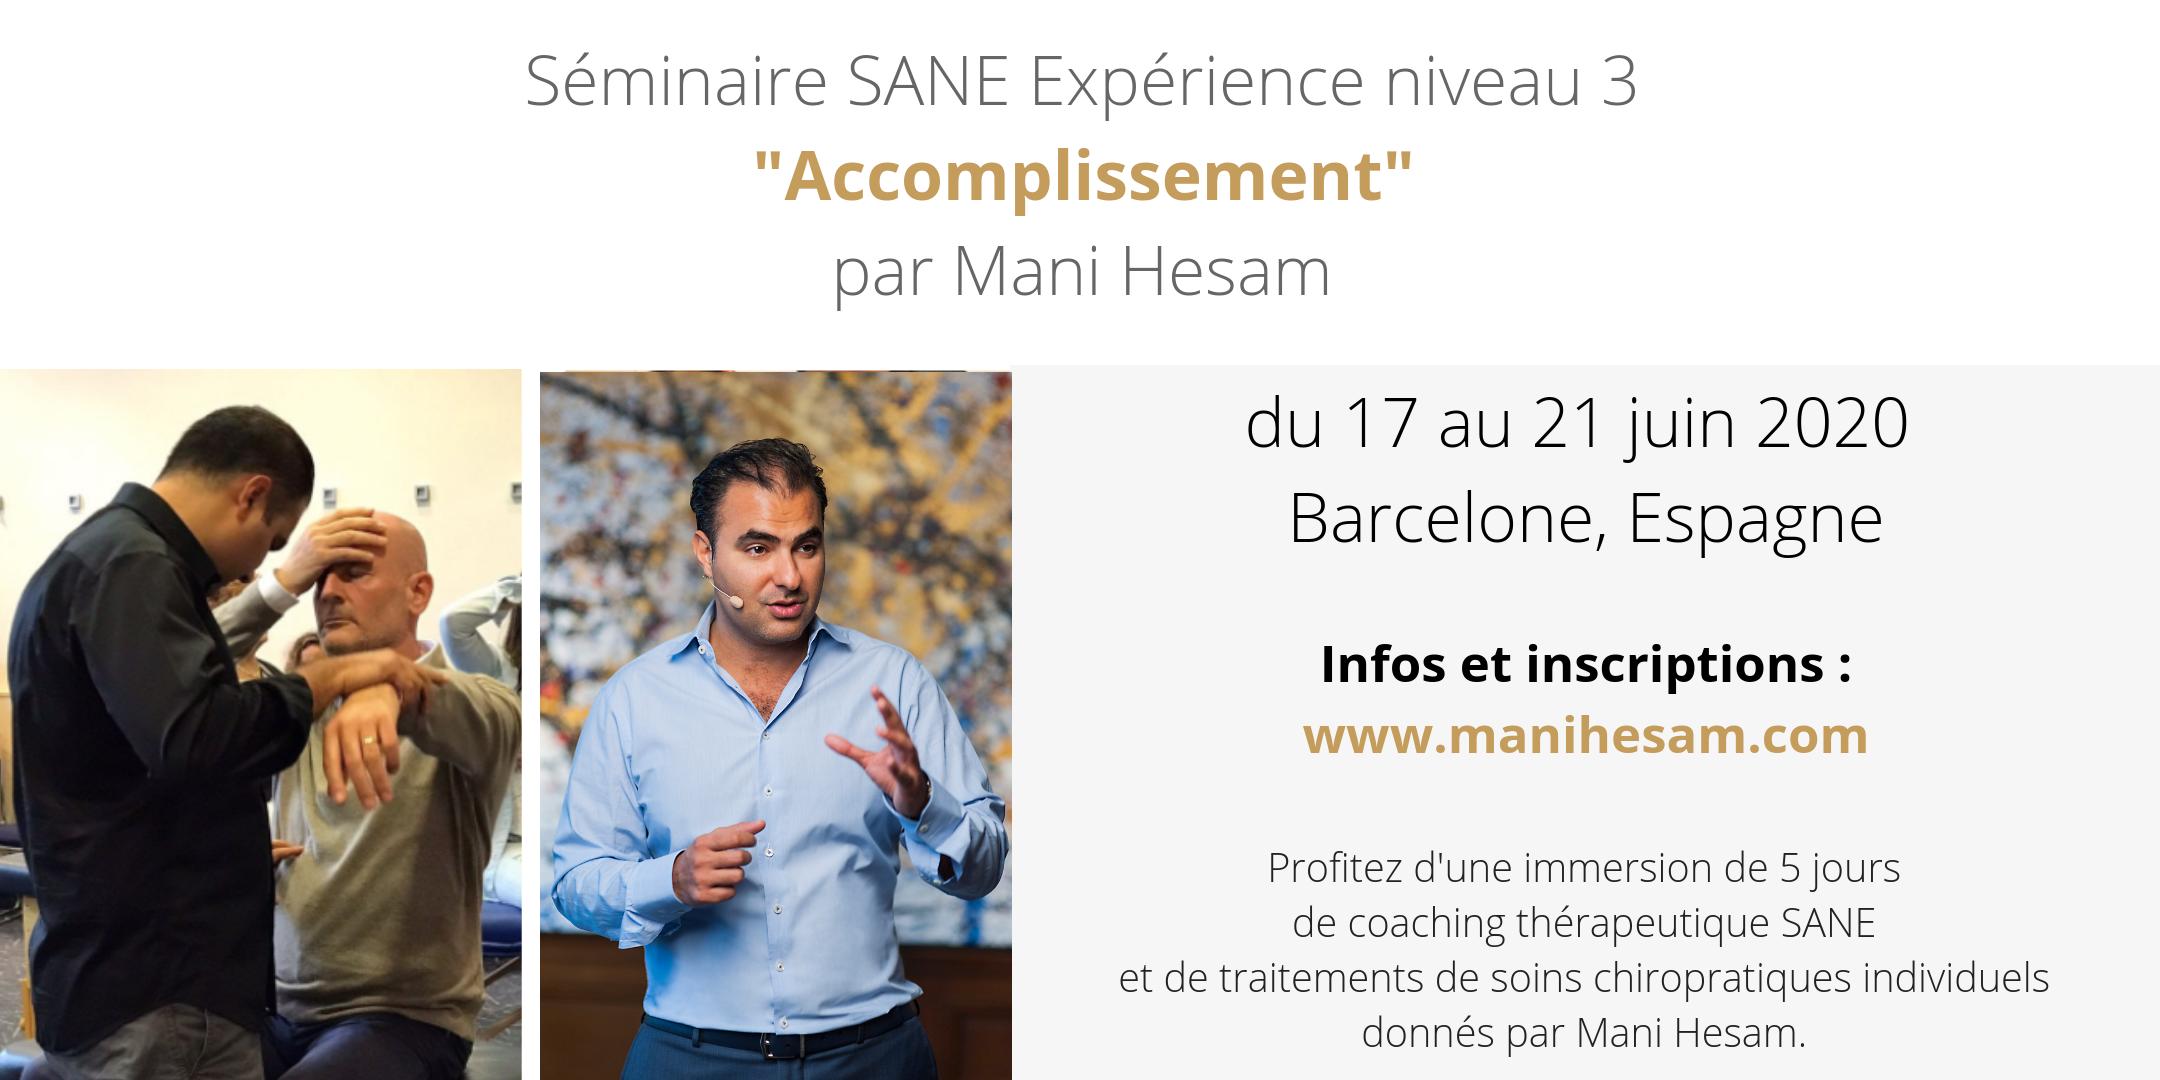 17 au 21 juin 2020, Barcelone - Séminaire SANE niveau 3 animé par M. Hesam - COMPLET